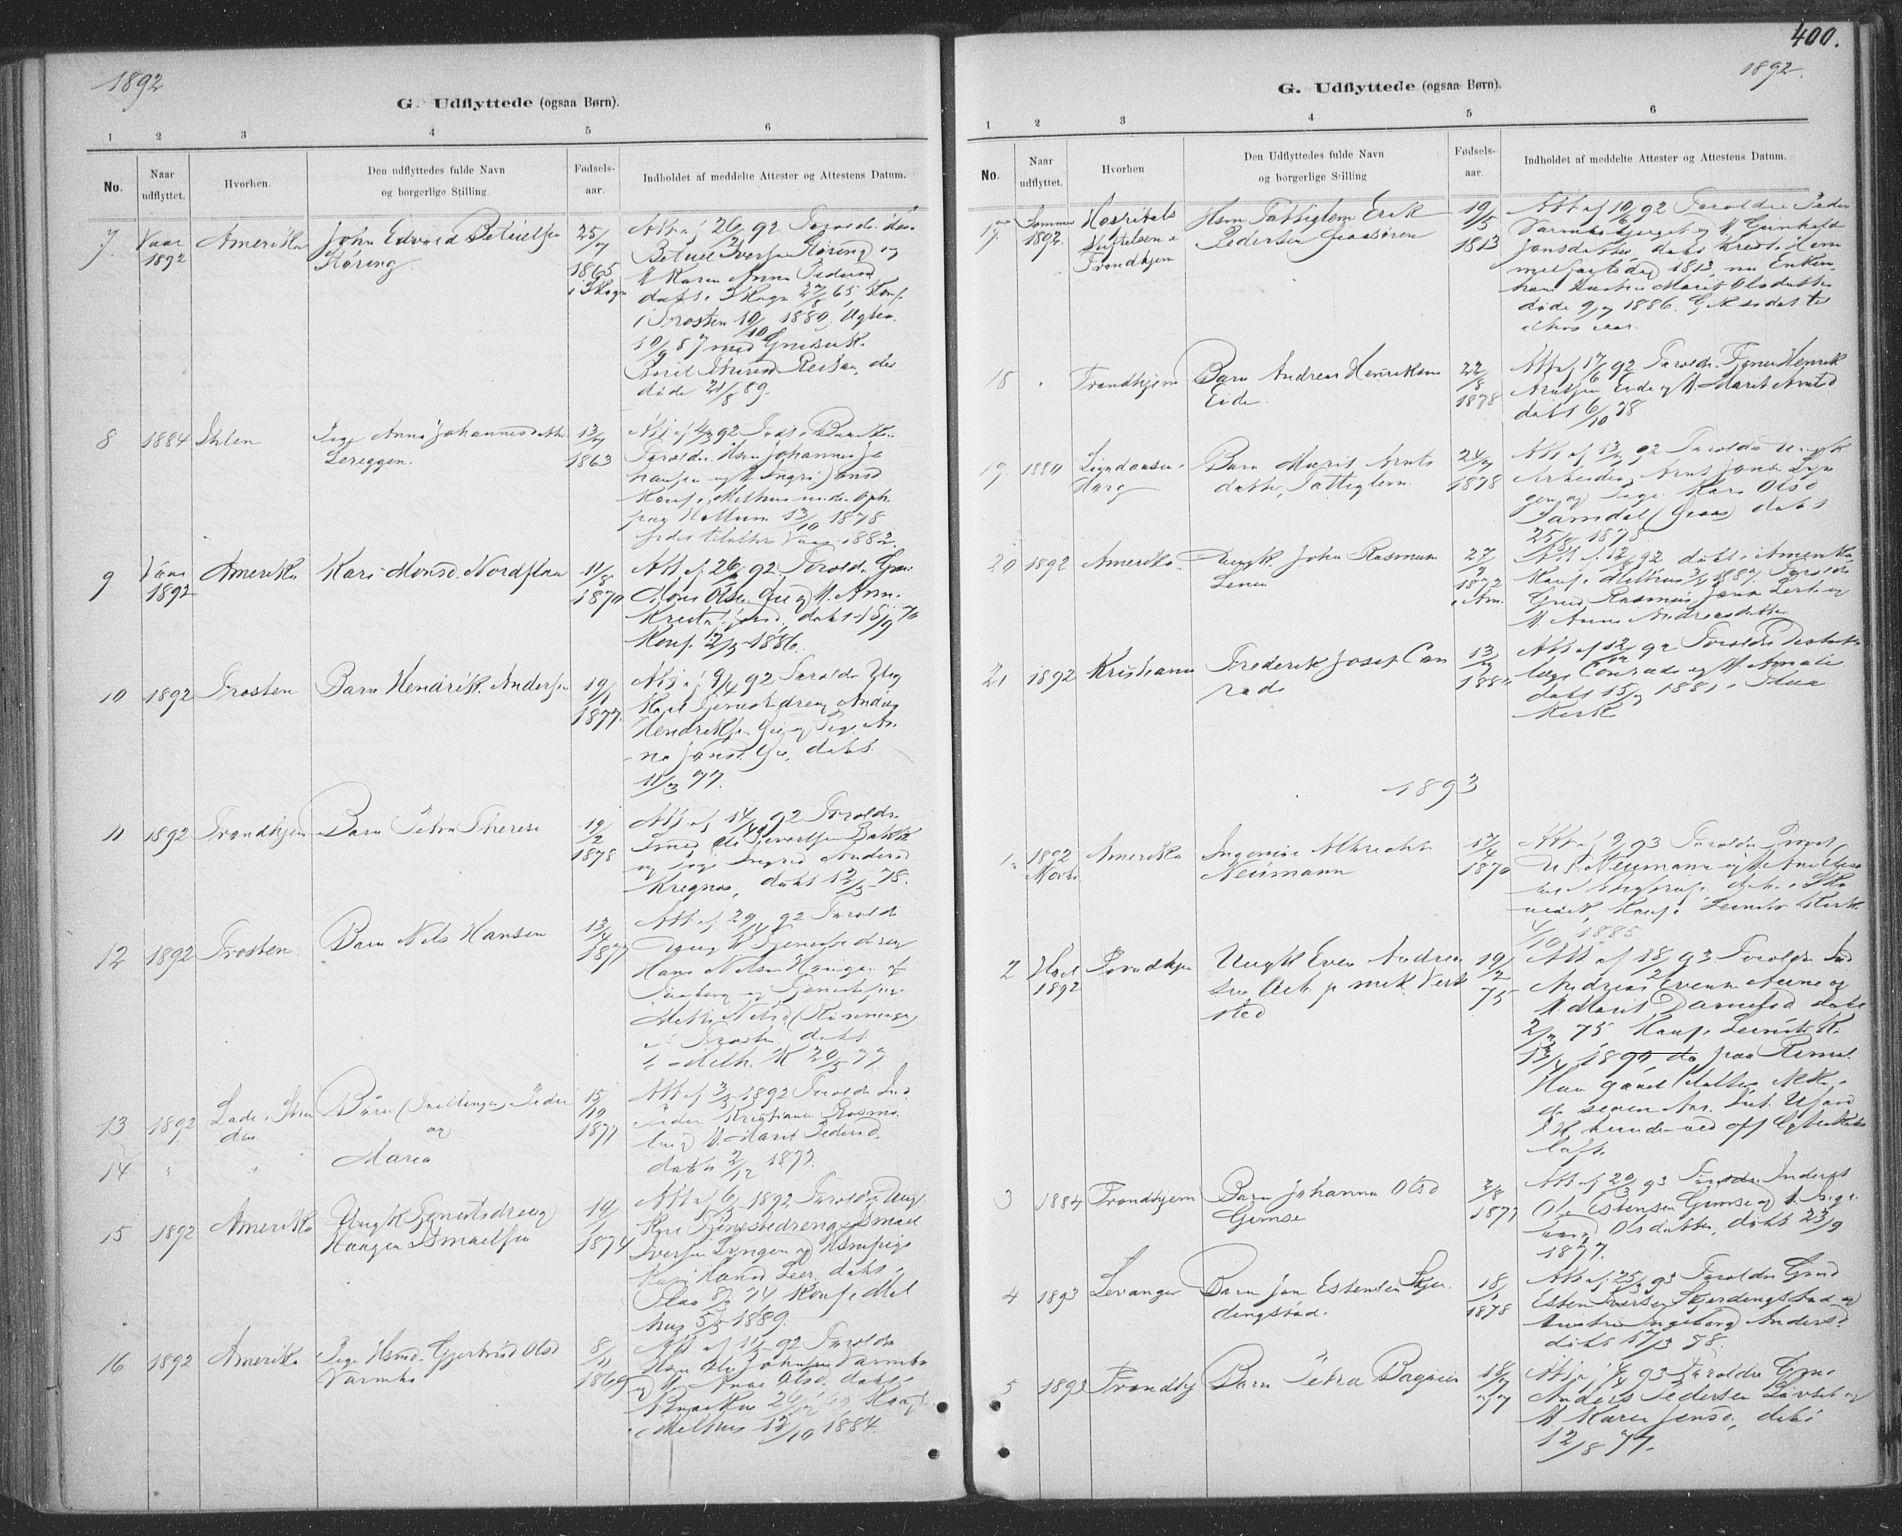 SAT, Ministerialprotokoller, klokkerbøker og fødselsregistre - Sør-Trøndelag, 691/L1085: Ministerialbok nr. 691A17, 1887-1908, s. 400